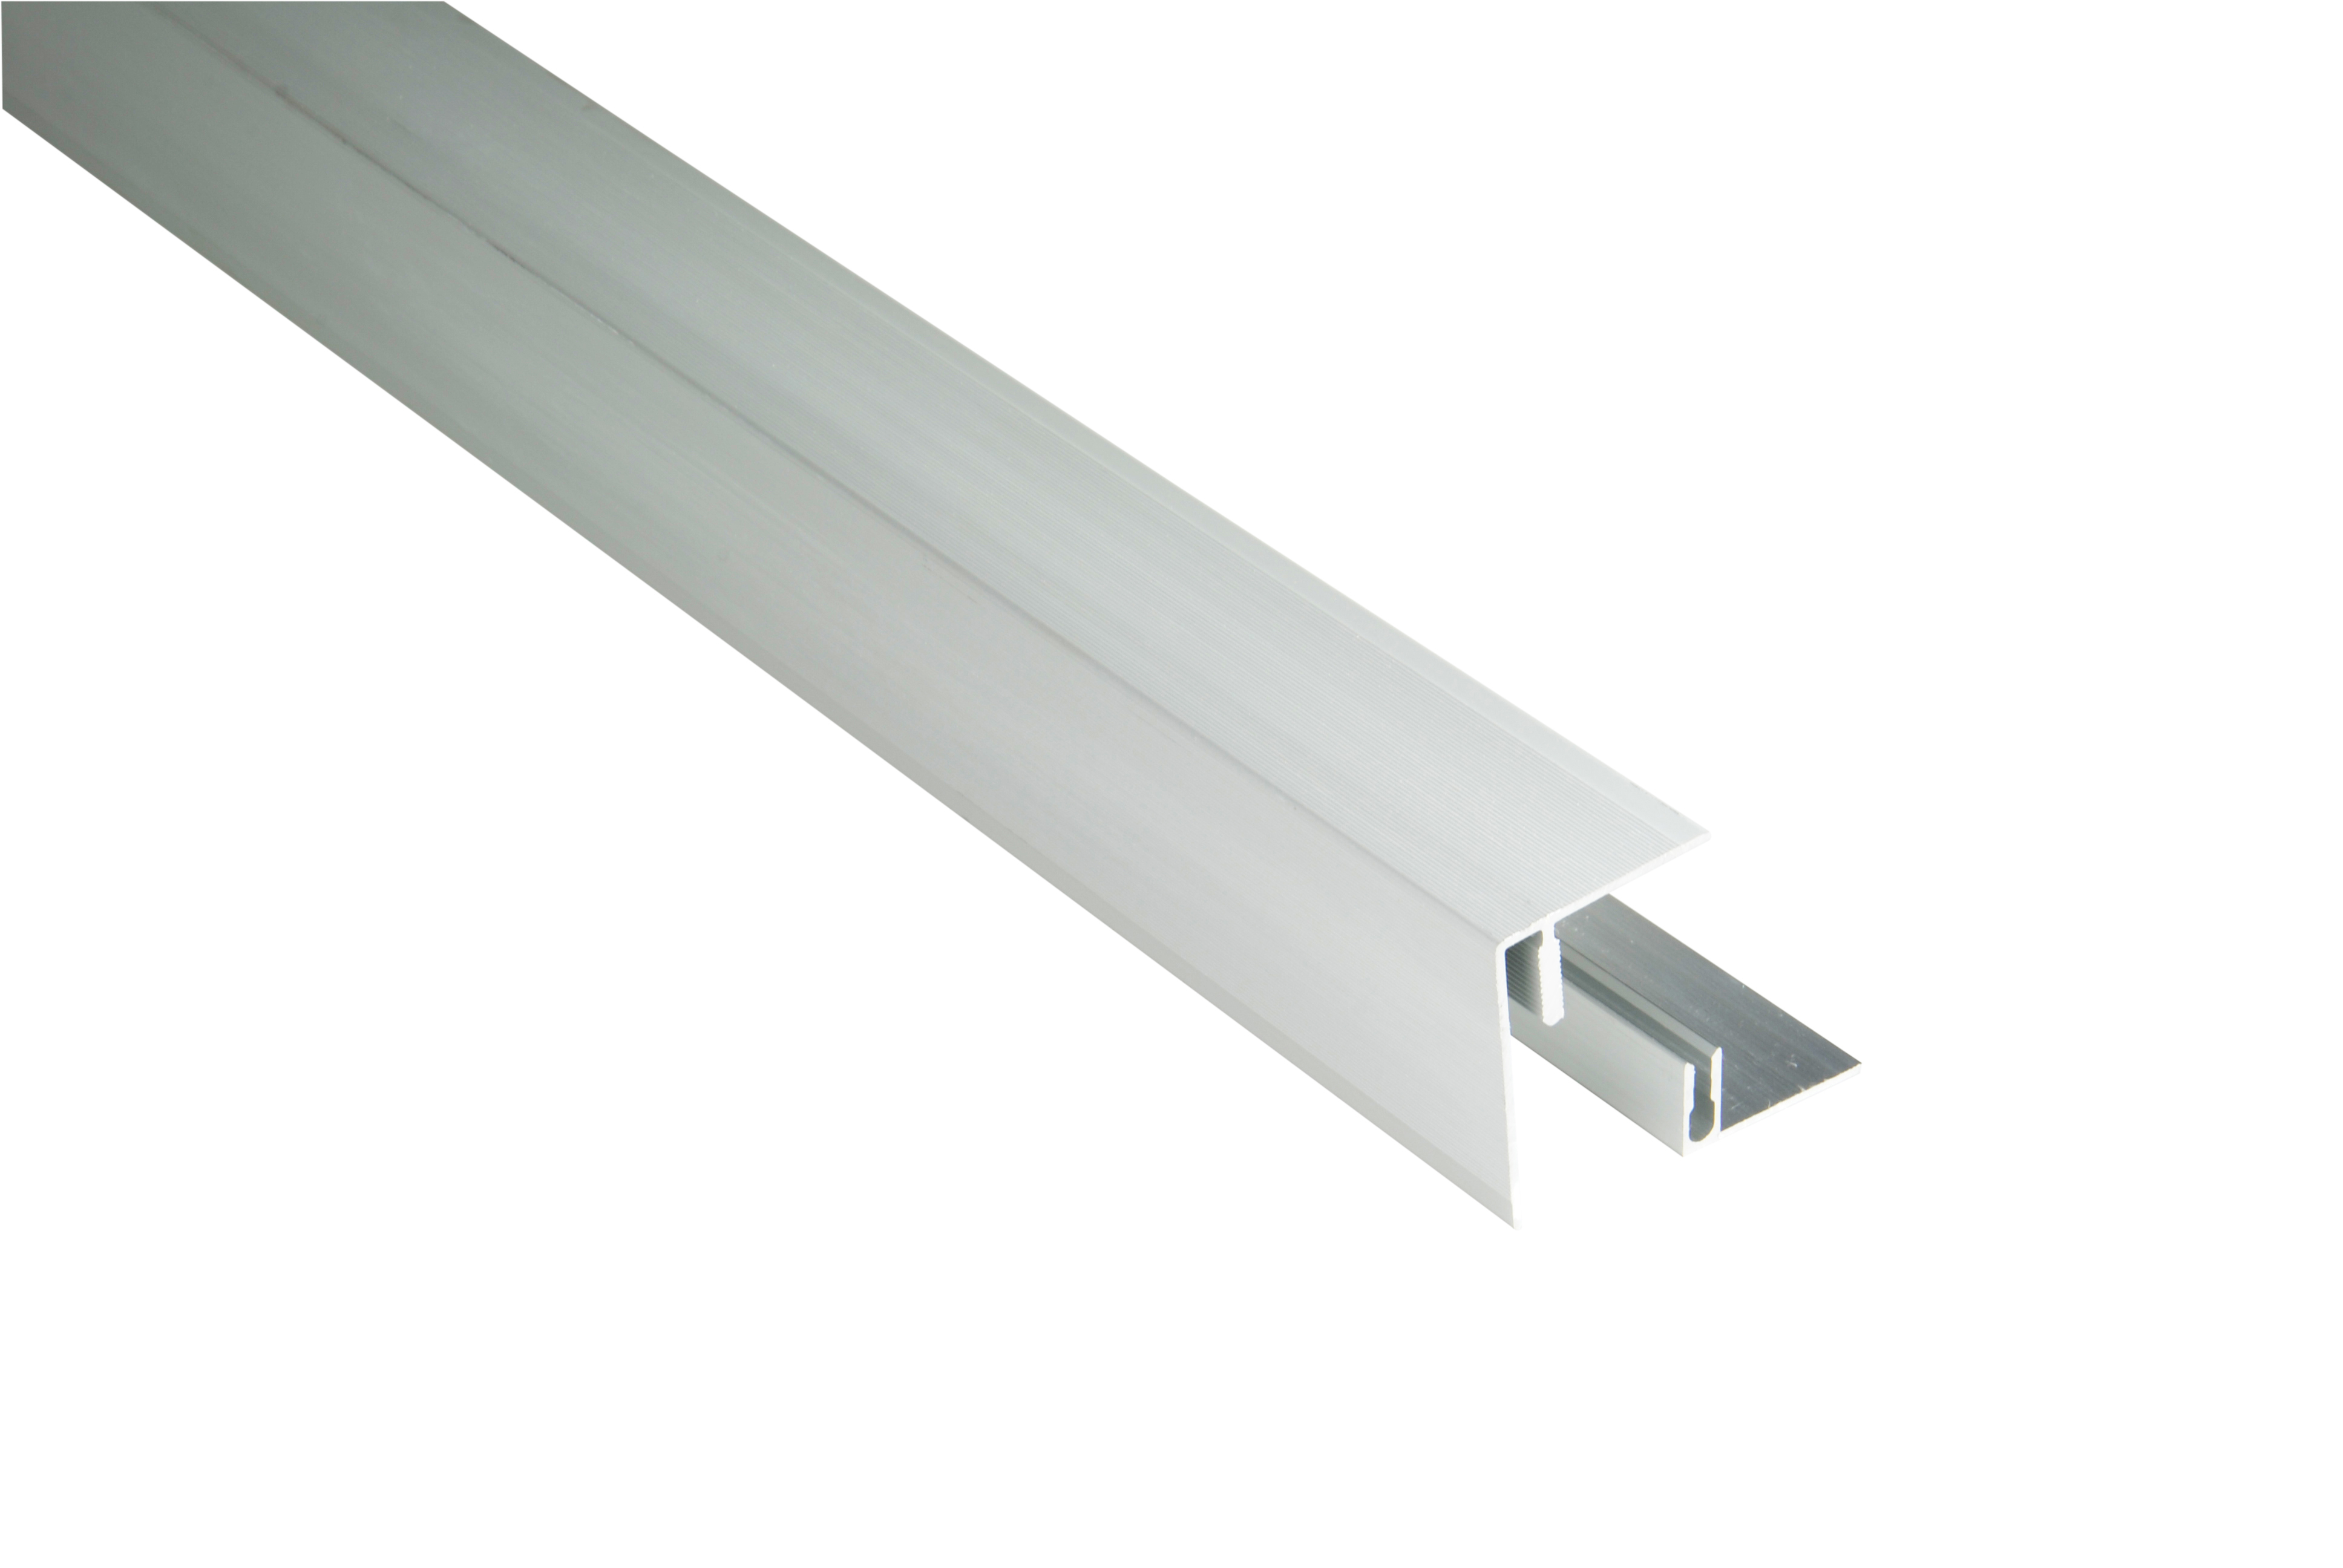 Kovalex Aluminium Seitenabschluss mit Befestigungsprofil - Farbe: Alu-Silber - Abmessung: 45x59x2.500 mm